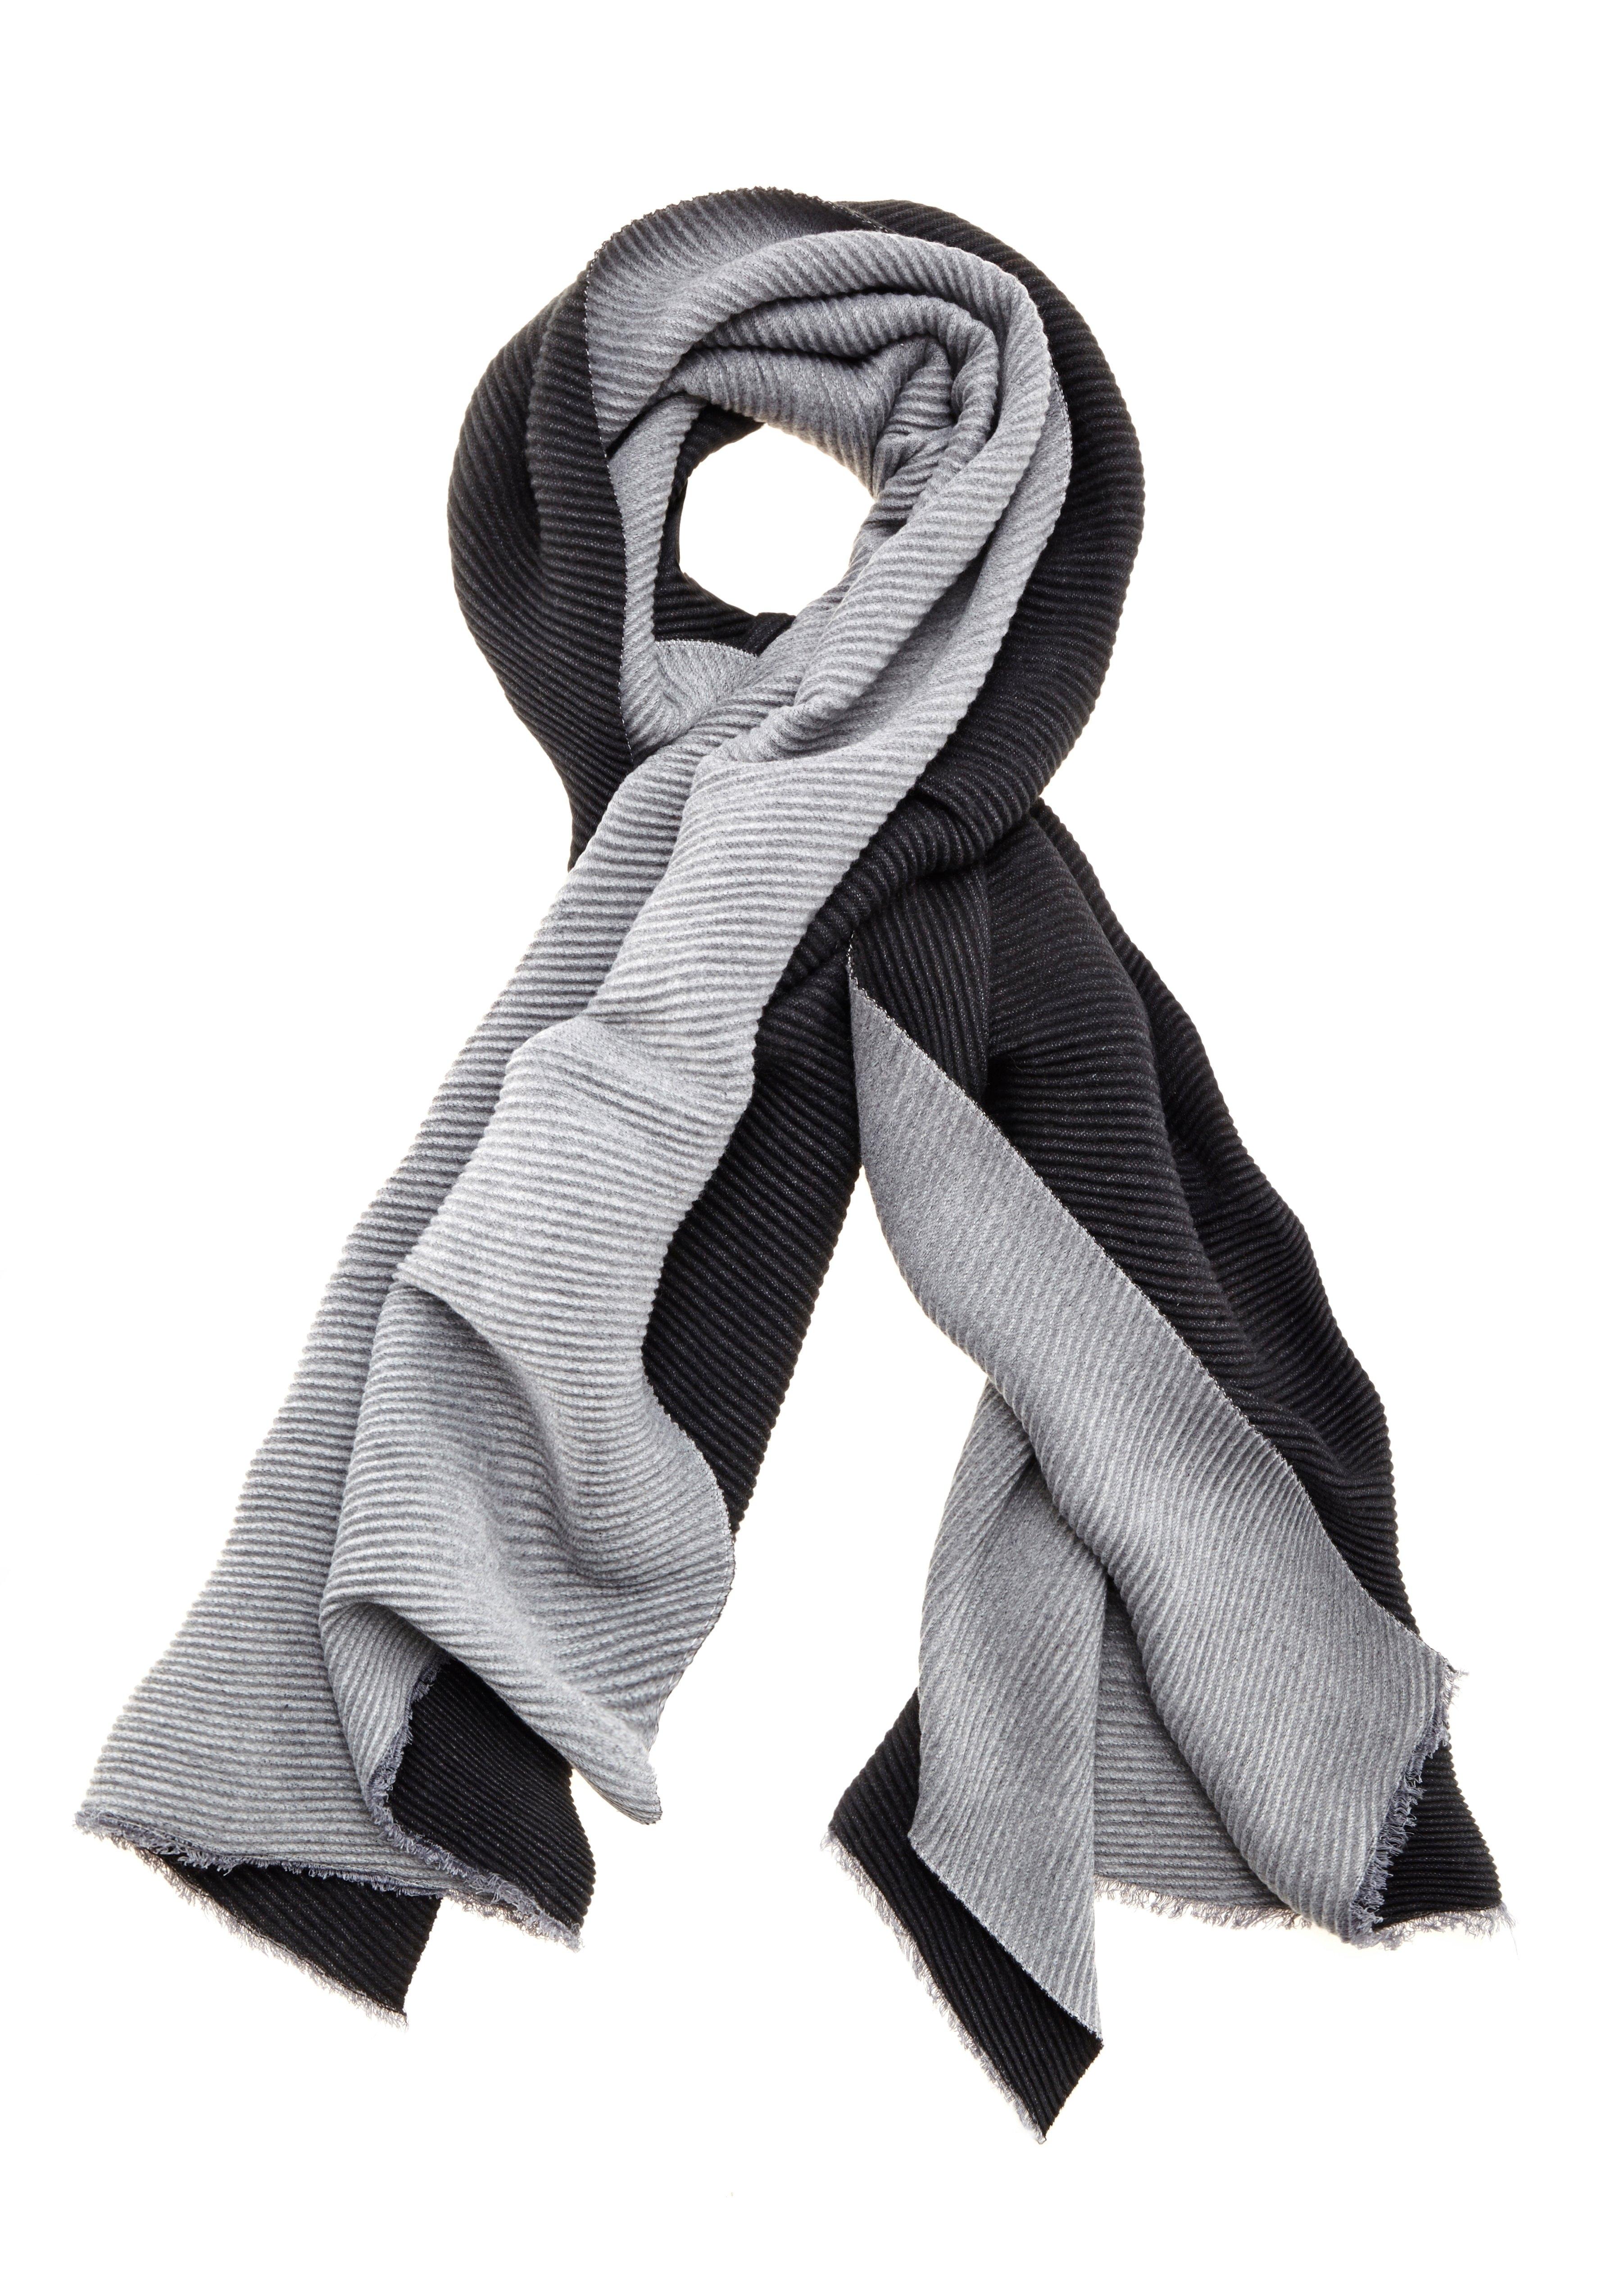 Op zoek naar een Lascana Sjaal modieuze xl-sjaal die keerbaar is, van zacht plissé-materiaal? Koop online bij Lascana